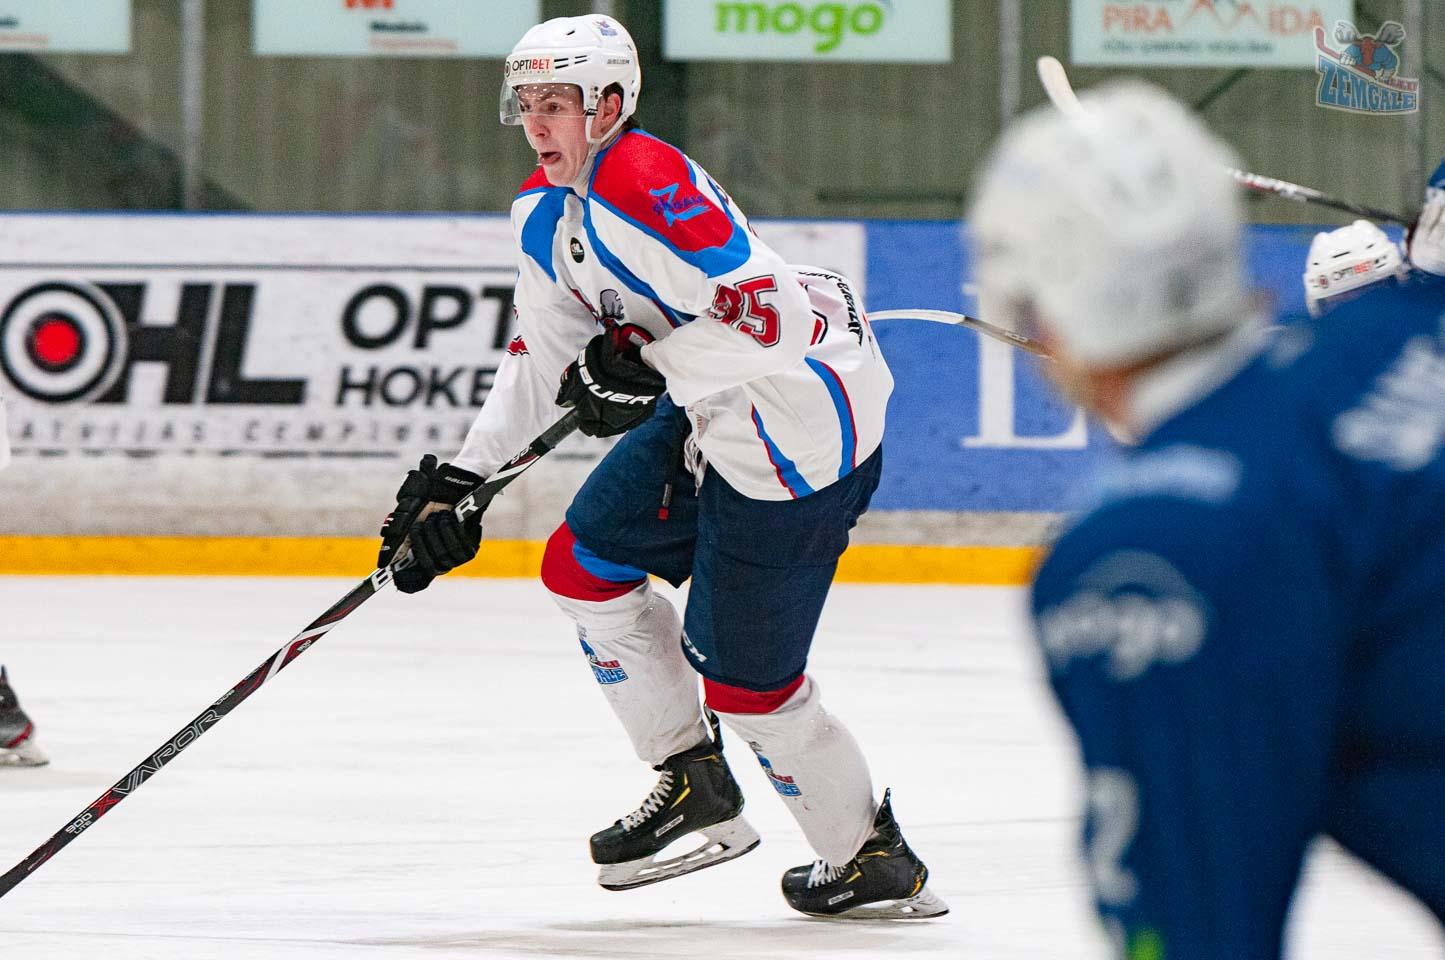 Hokeja aizsargs ar izkārtu no mutes mēli